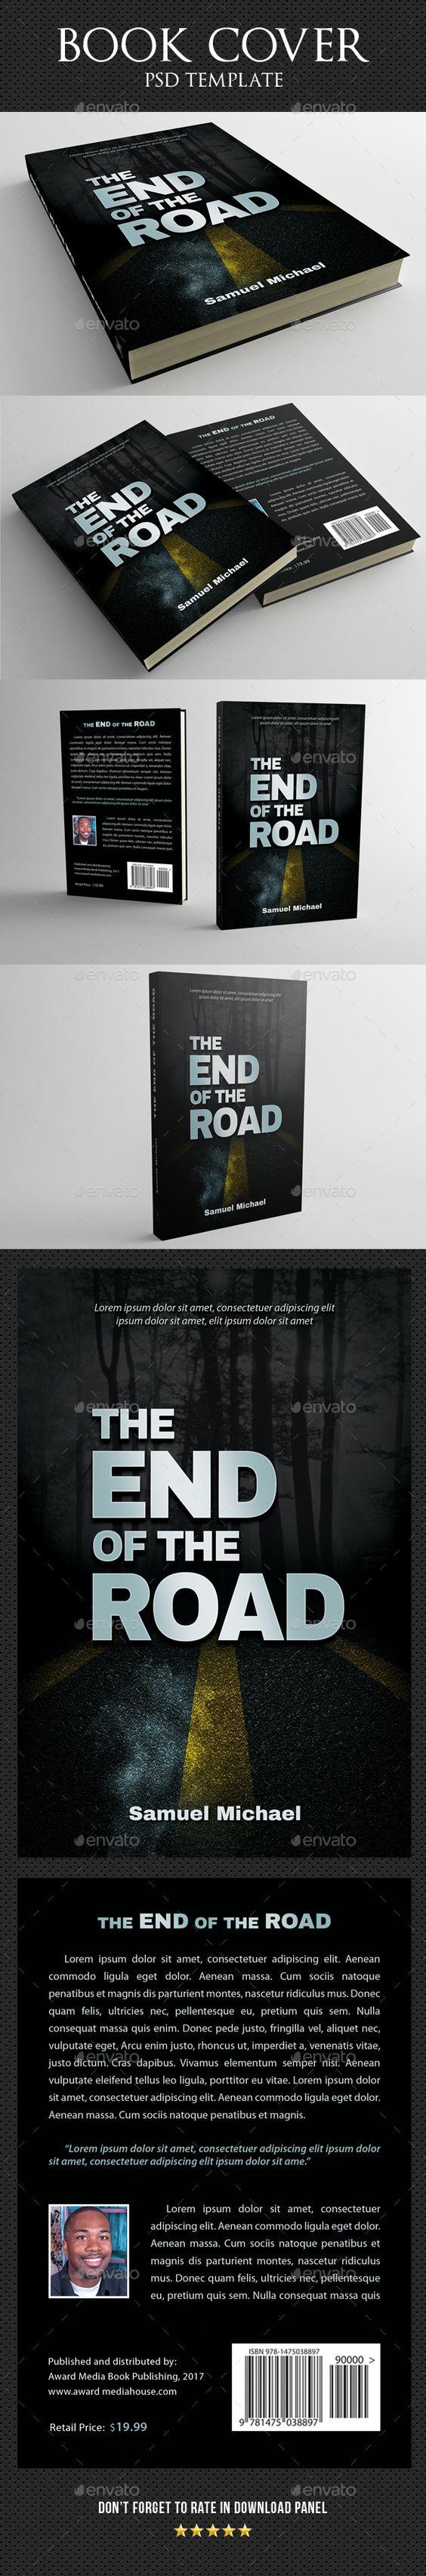 Großzügig Vorlage Für Buchumschlag Fotos - Beispielzusammenfassung ...